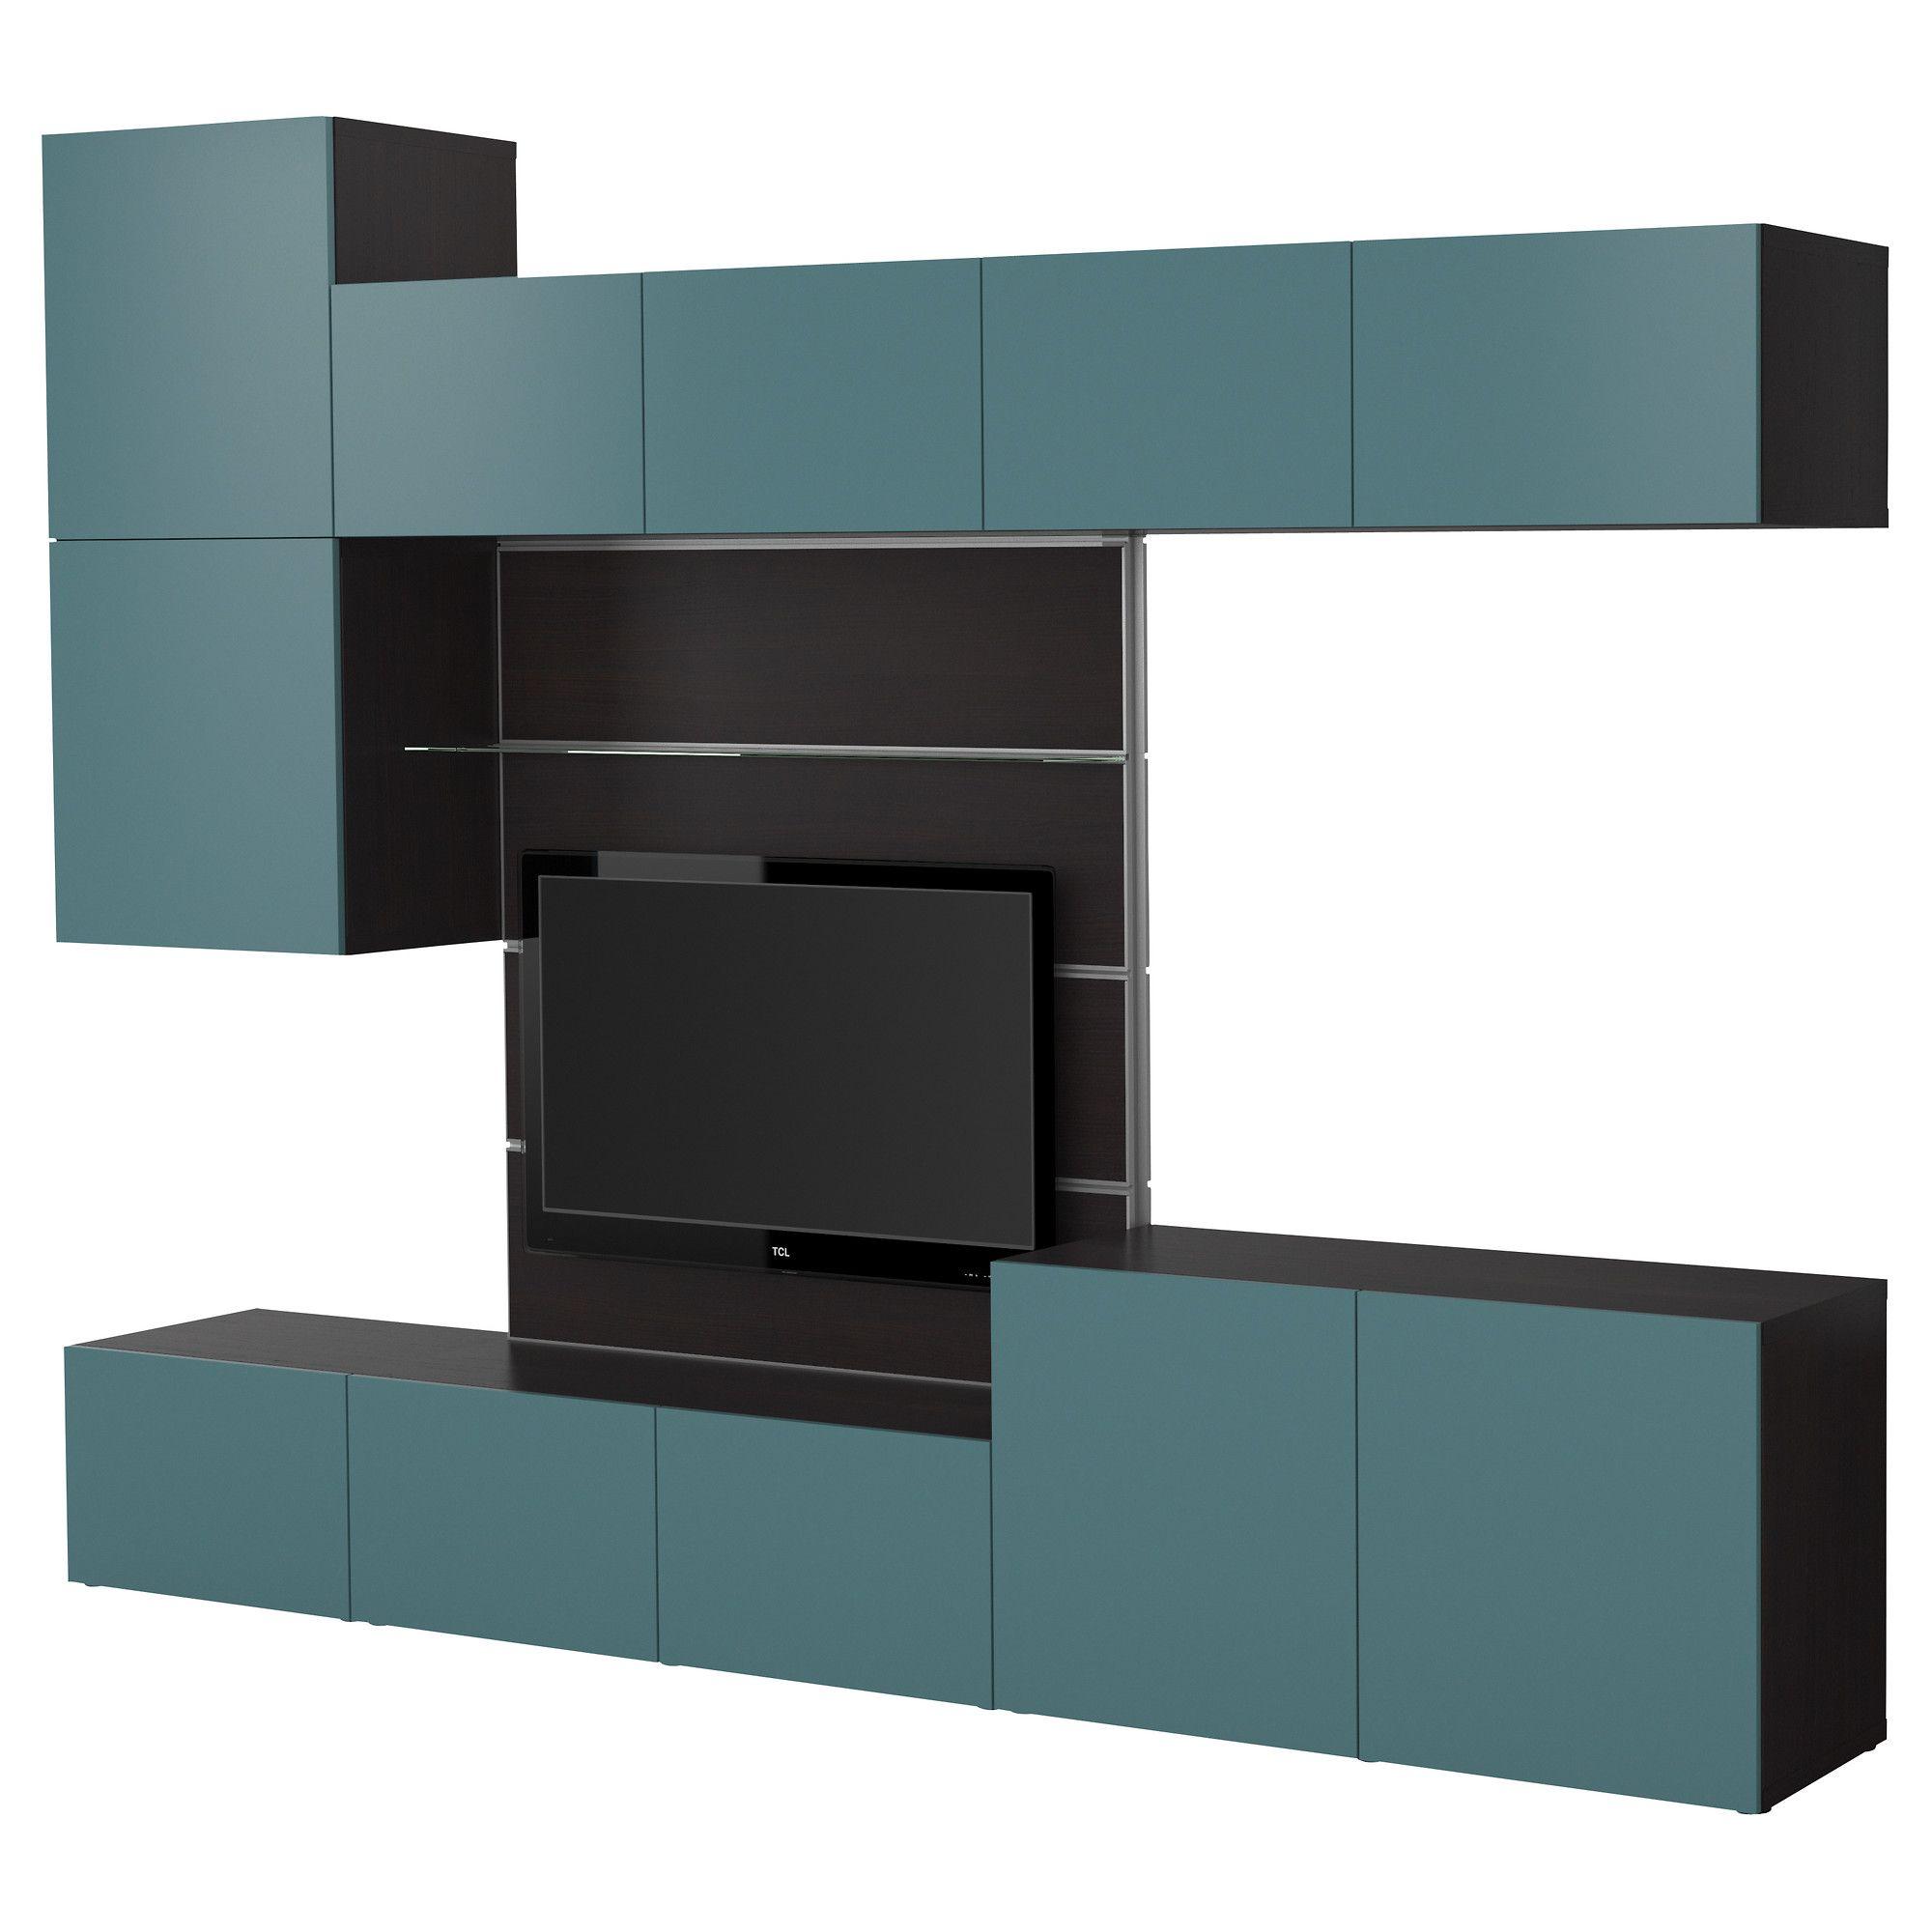 Ikea Framsta bestå framstå tv storage combination black brown gray turquoise